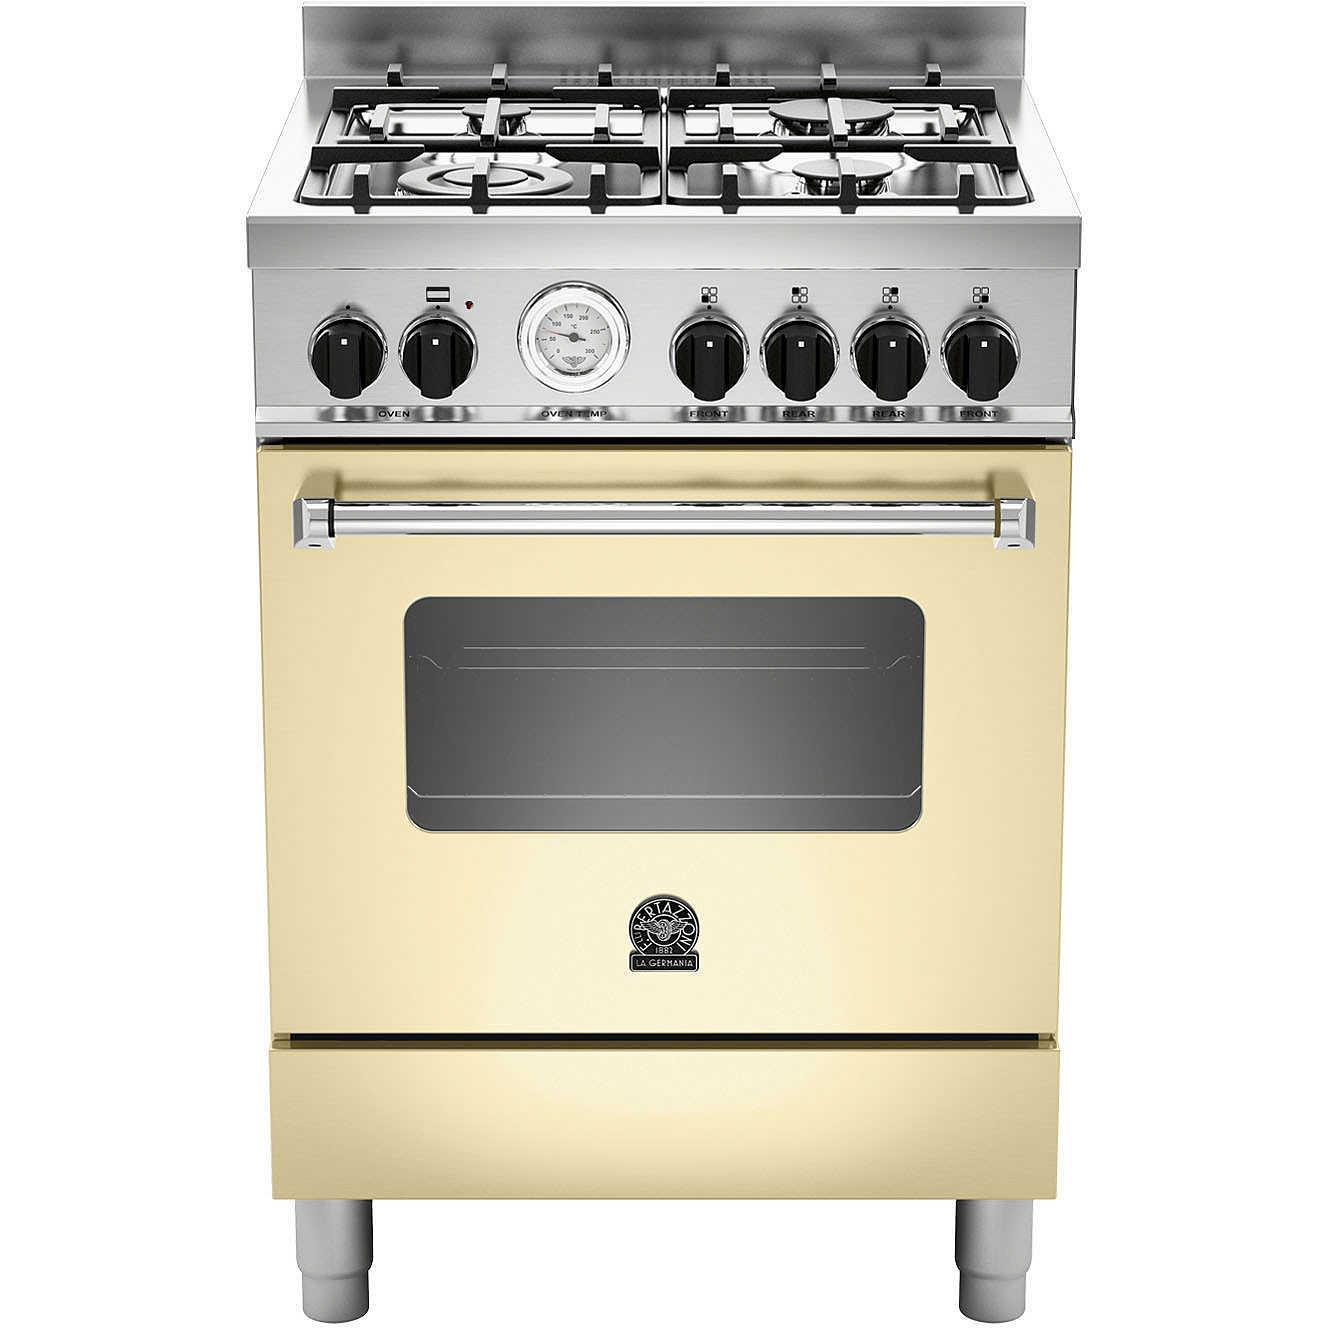 La germania amn604gevscrt cucina 60x60 4 fuochi a gas forno gas ventilato con grill elettrico 56 - Cucina con forno ventilato ...